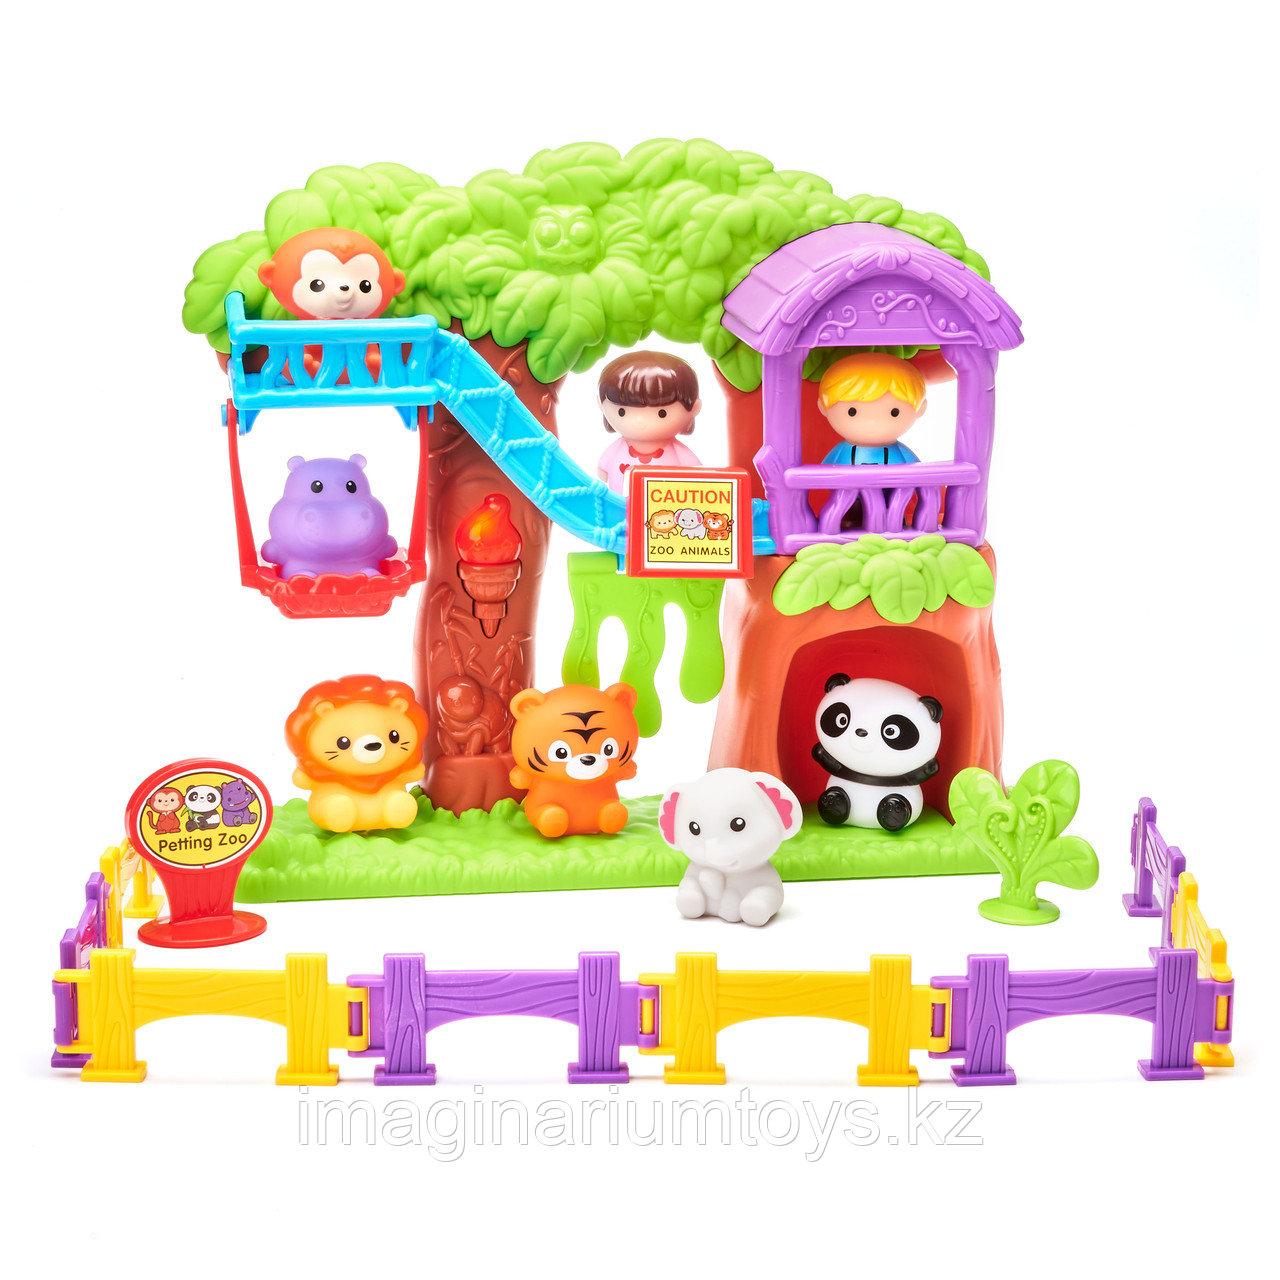 Игровой набор для малышей «Зоопарк с животными»